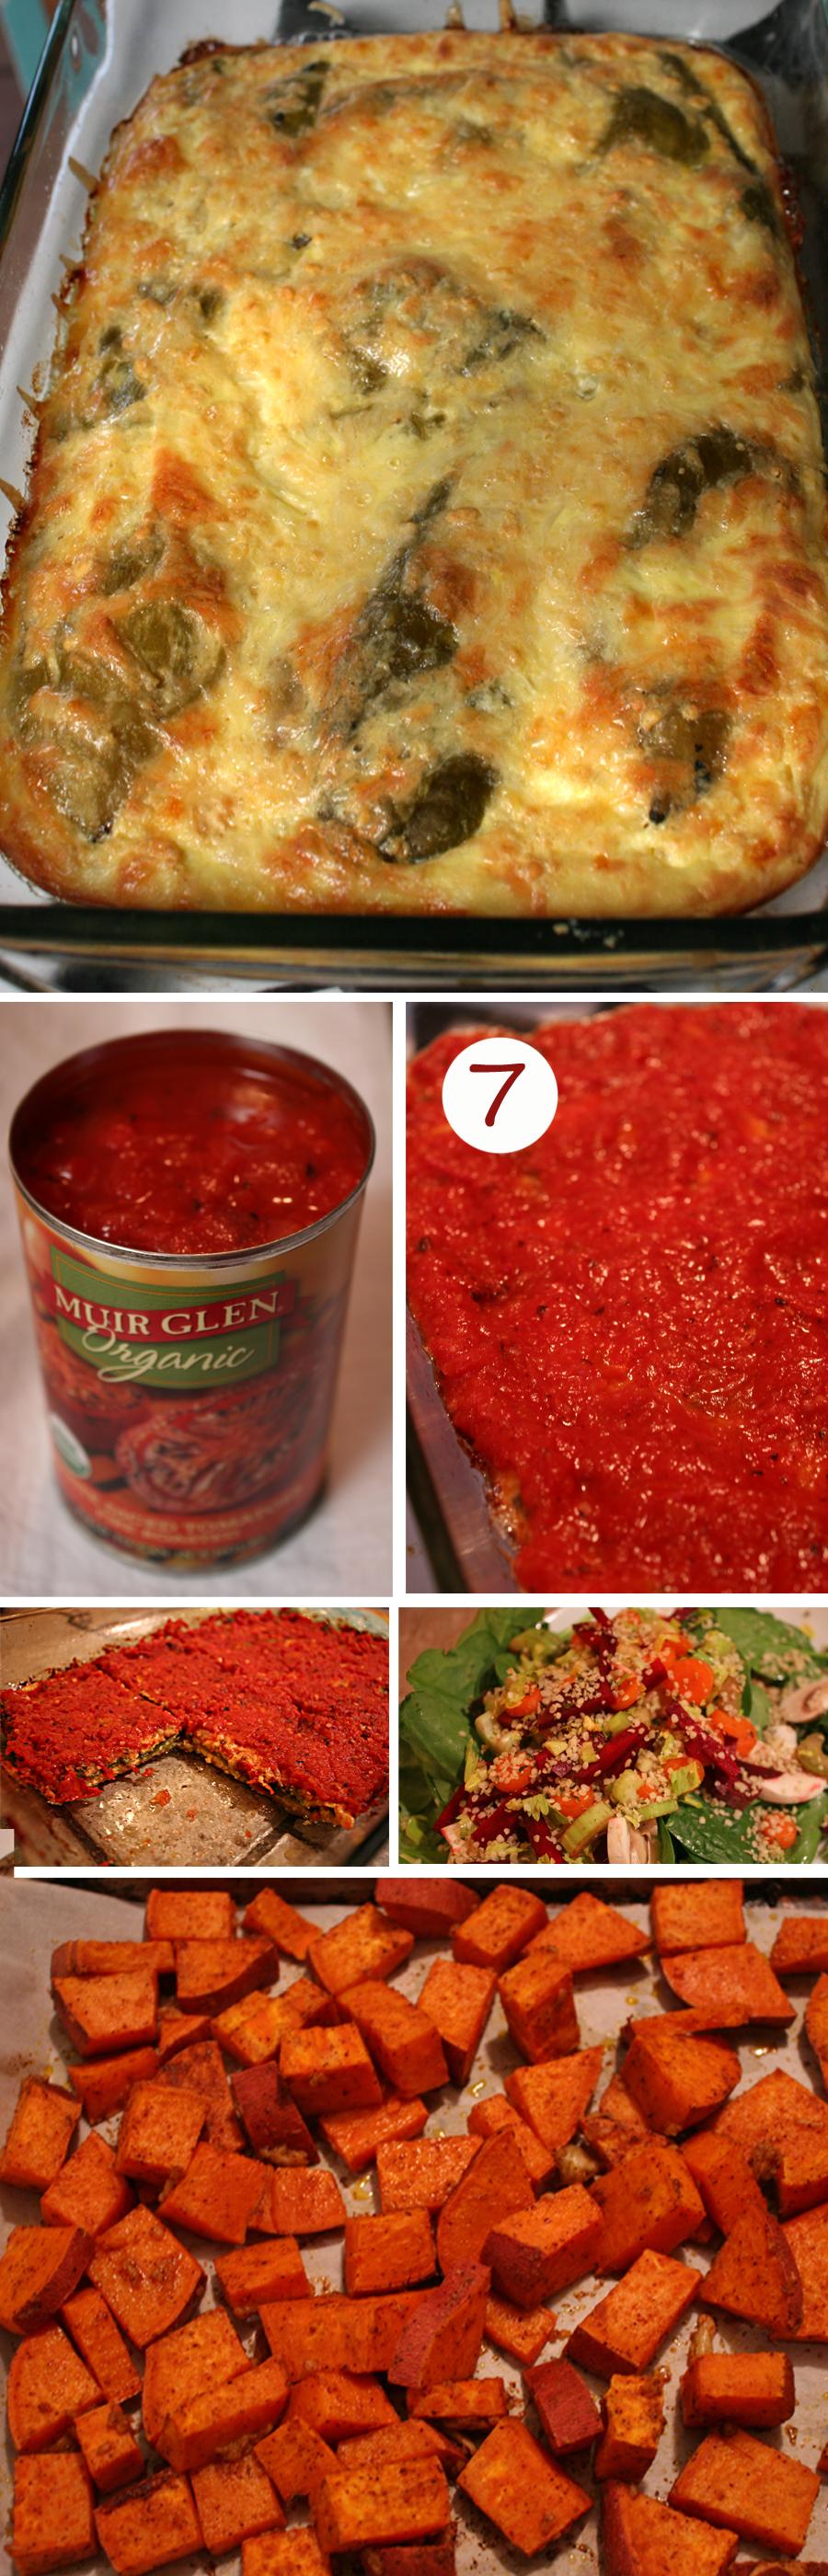 chile rellano casserole recipe kineticheart_com 2